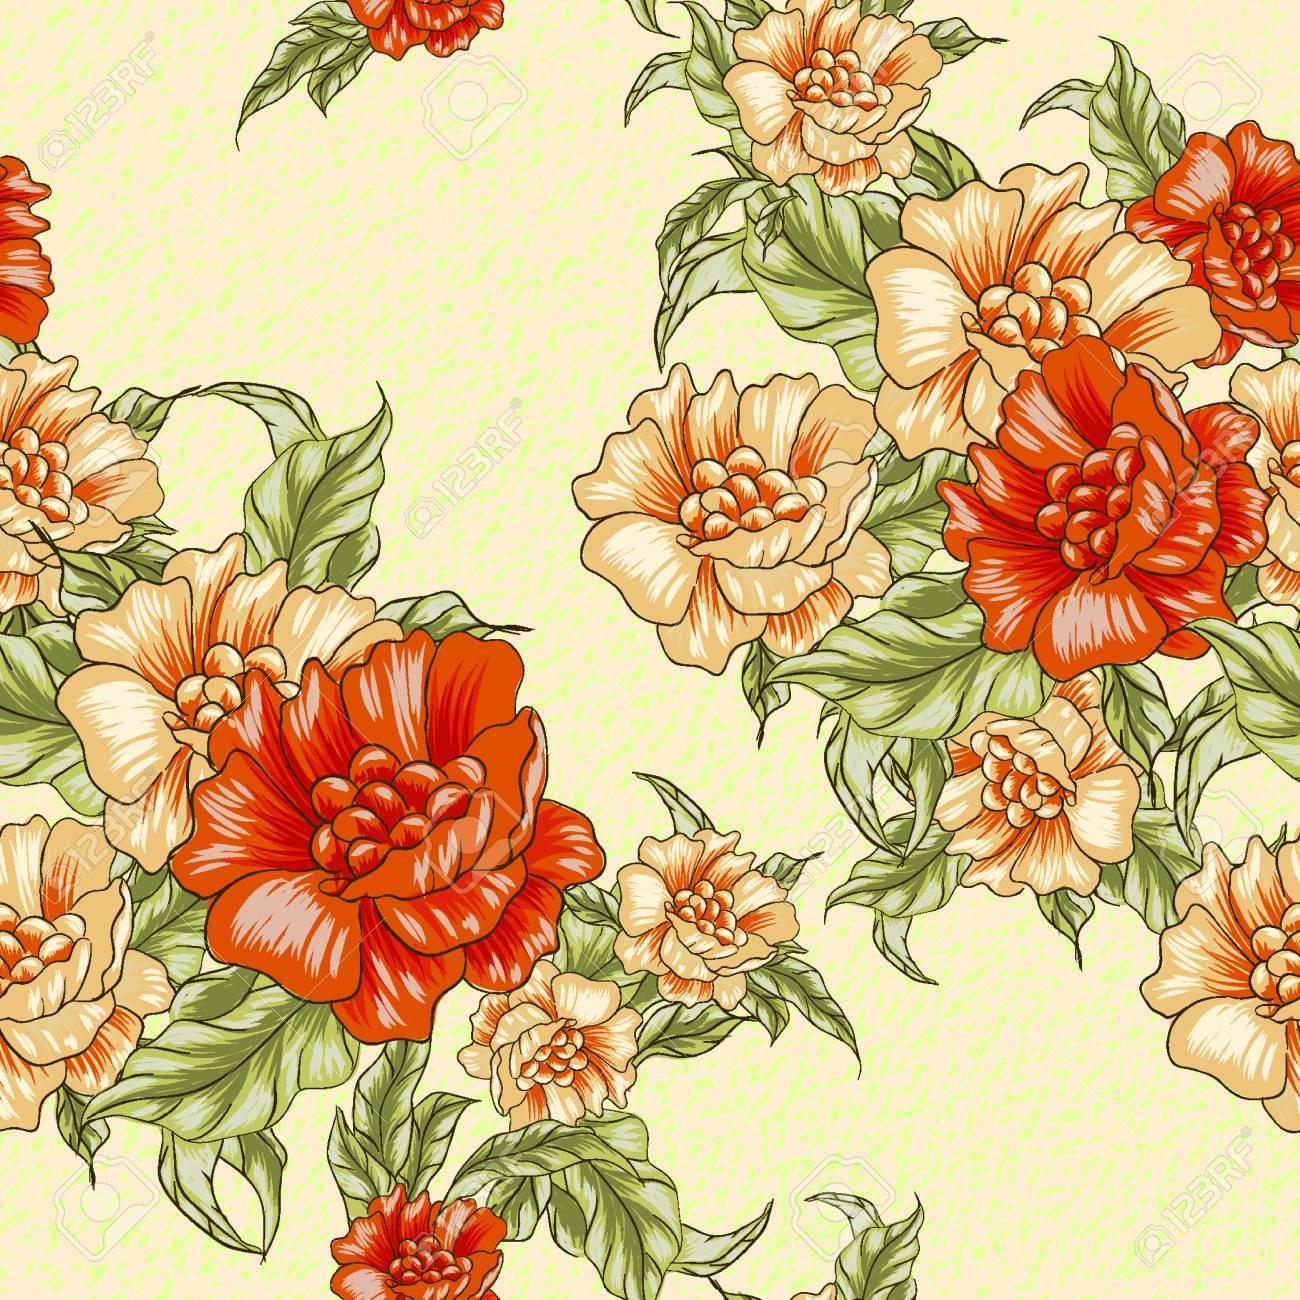 Modele Sans Couture Papier Peint Vintage Avec Des Roses Orange Peut